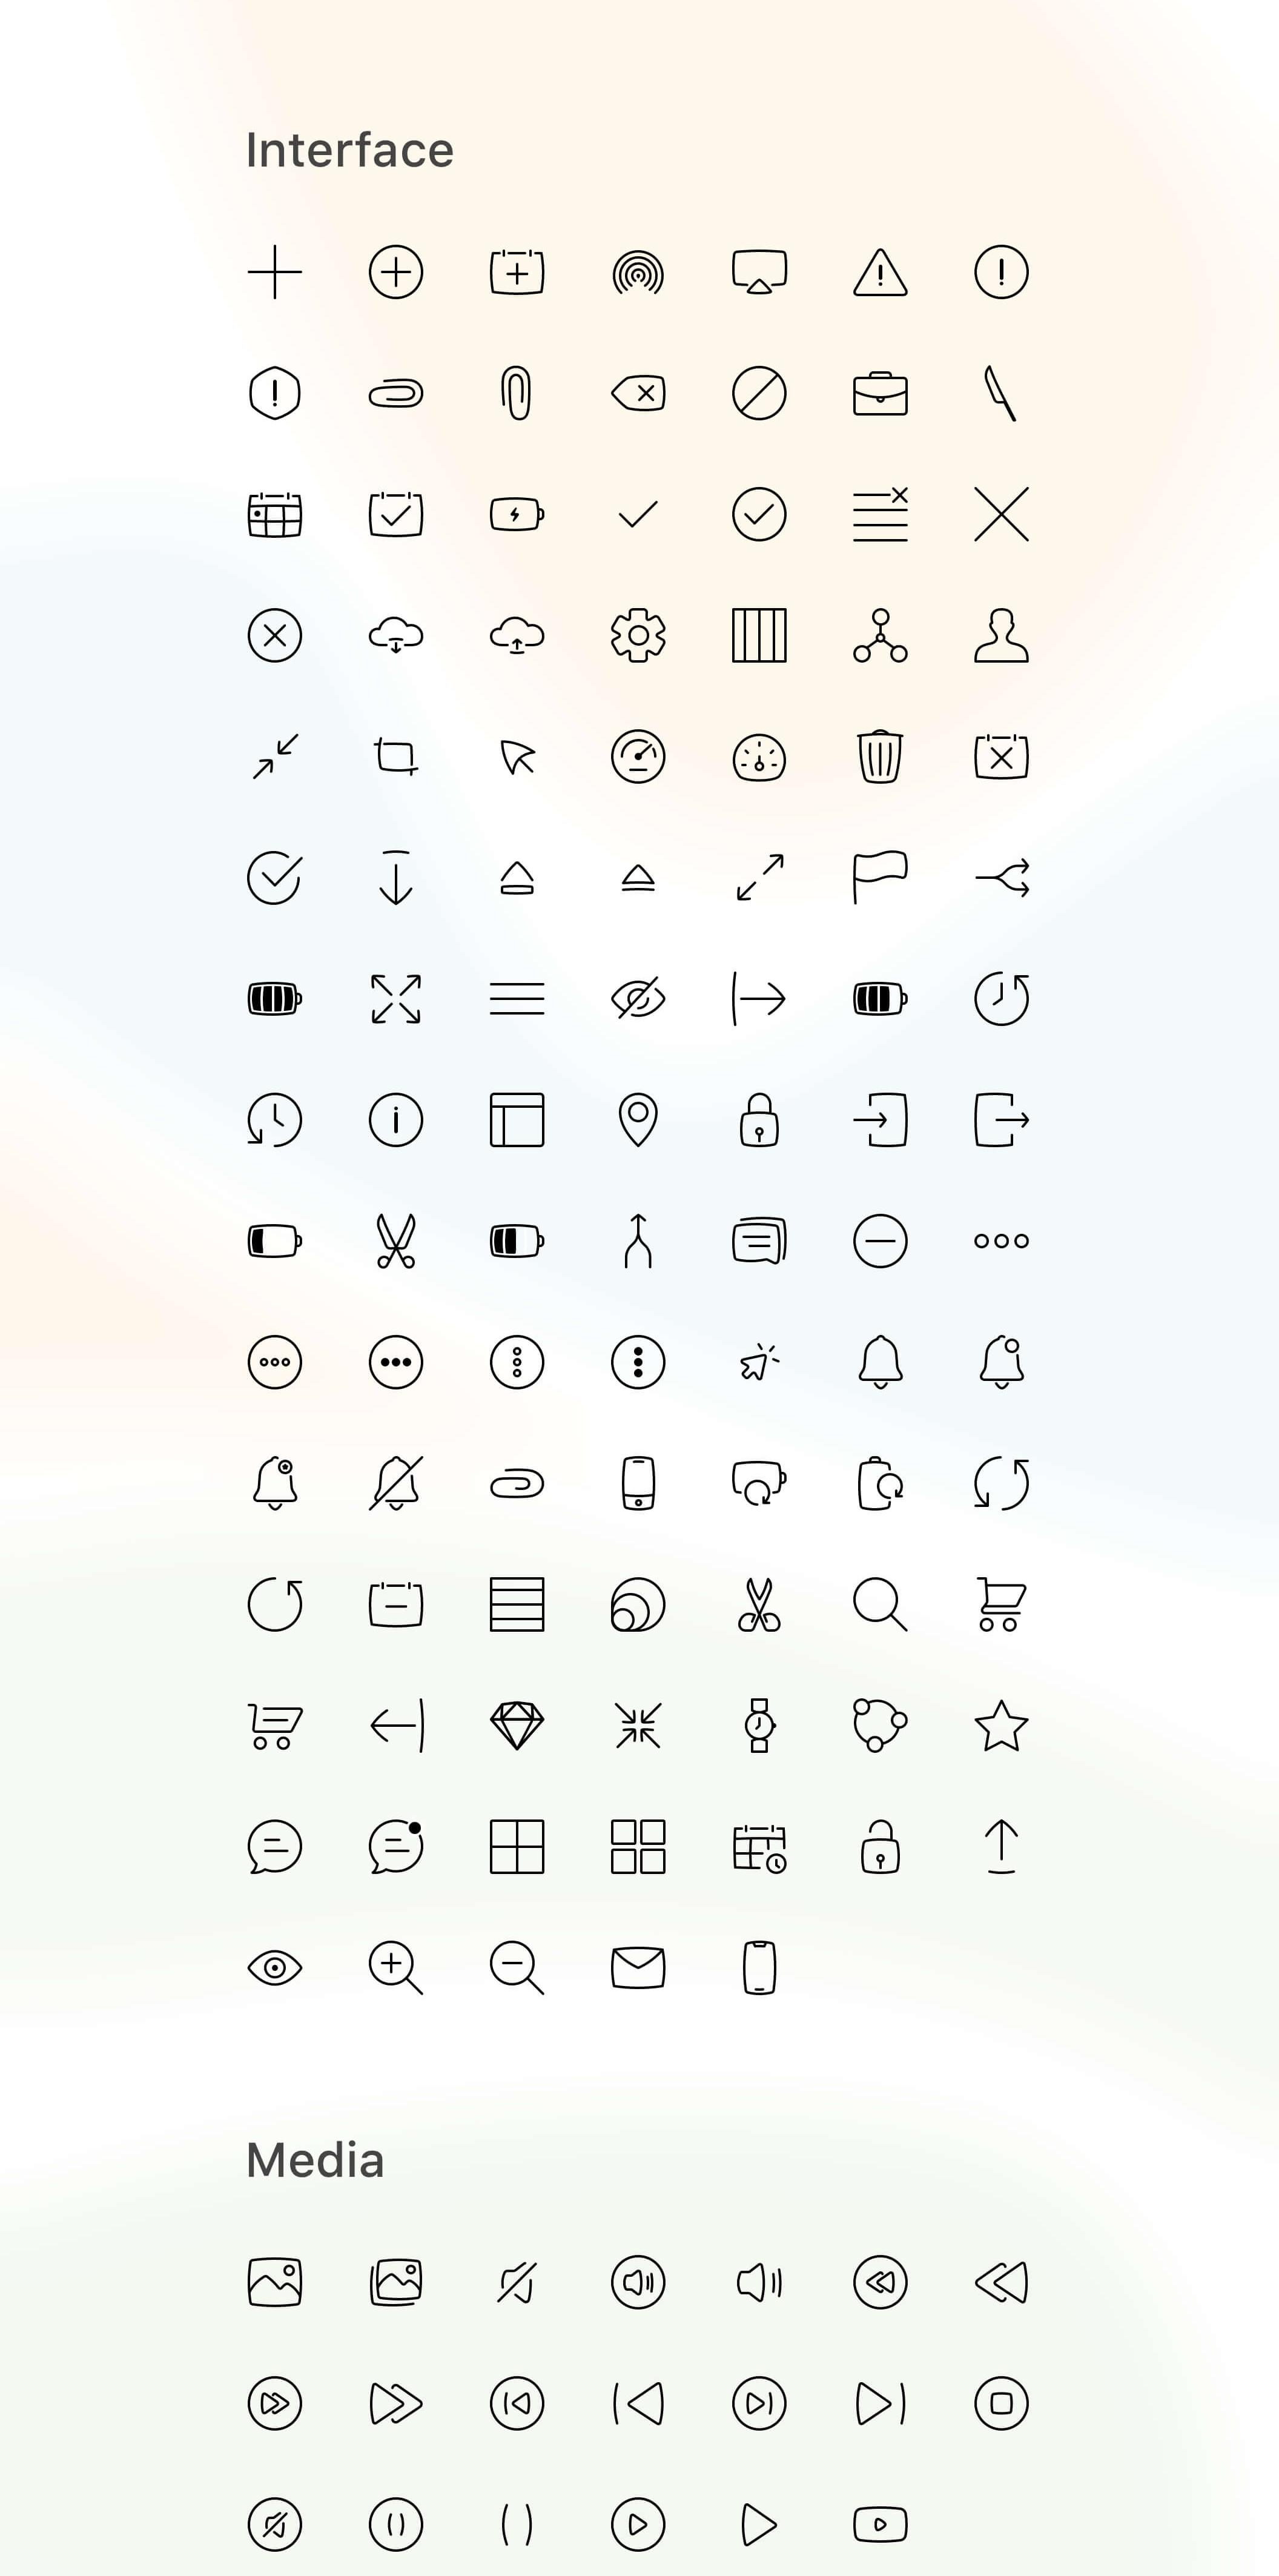 Blobby Icons Set – 343 интерфейсных, финансовых, медиа и VR иконок